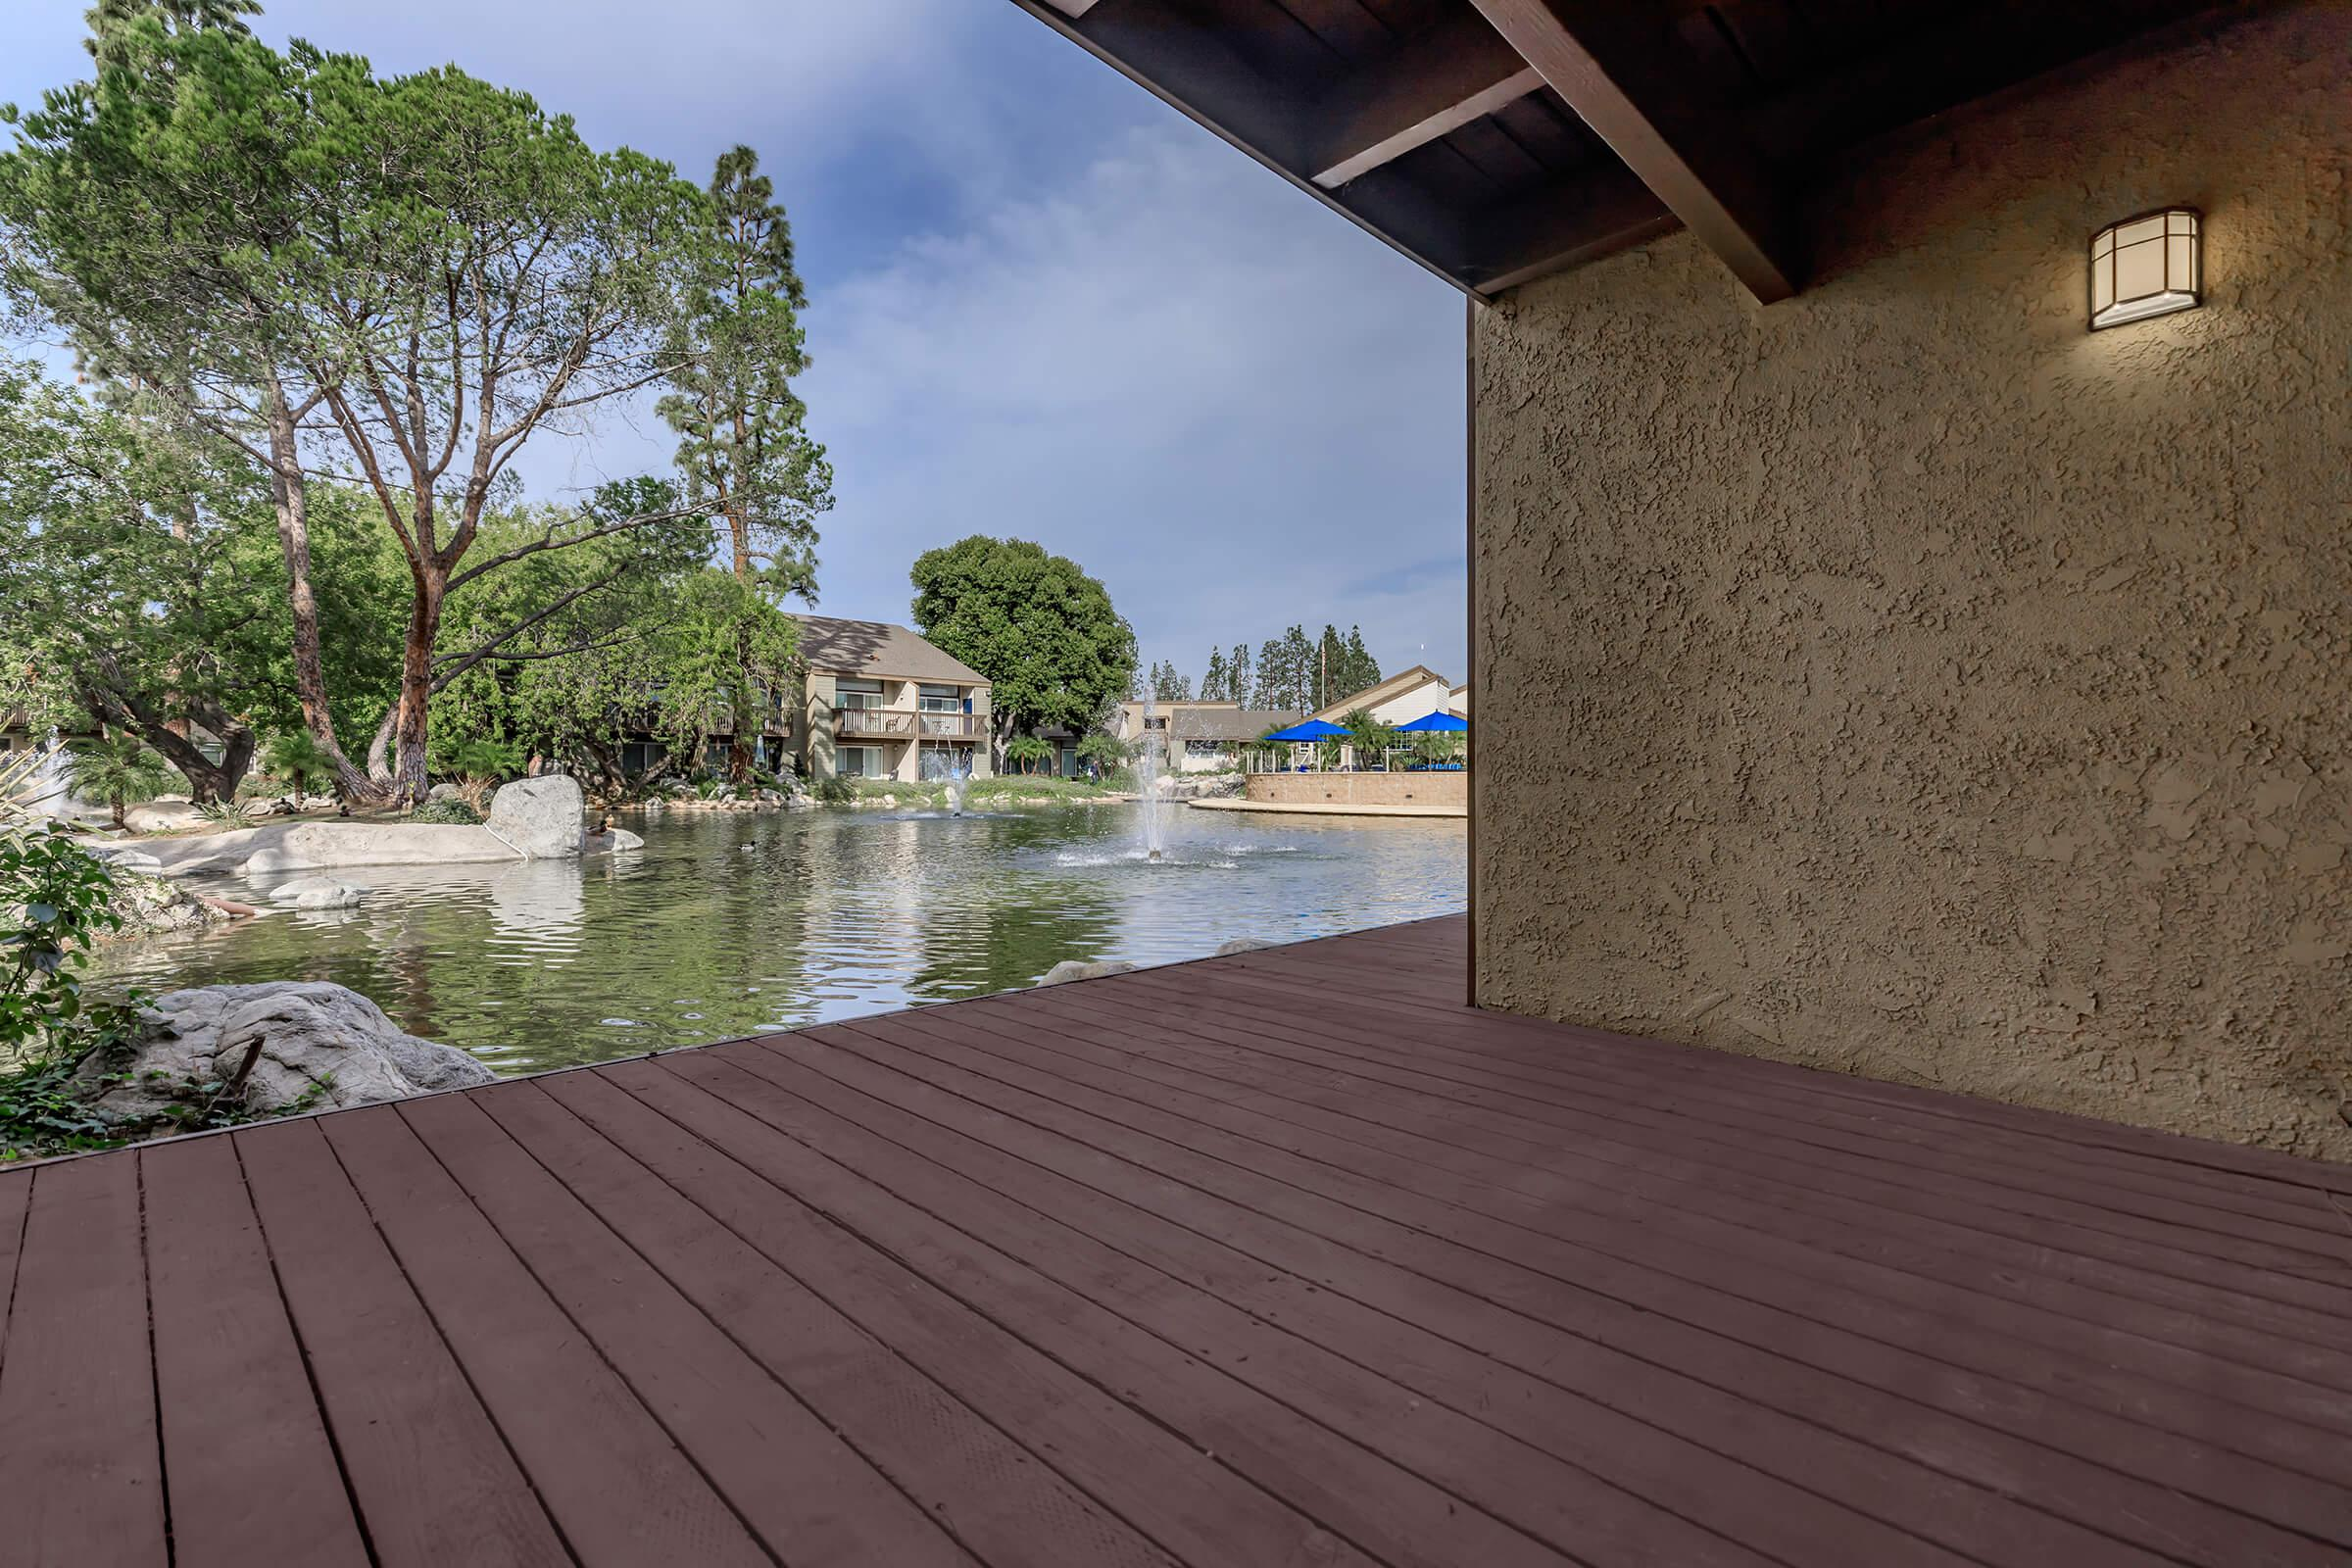 Patio at The Lake in Fullerton, CA